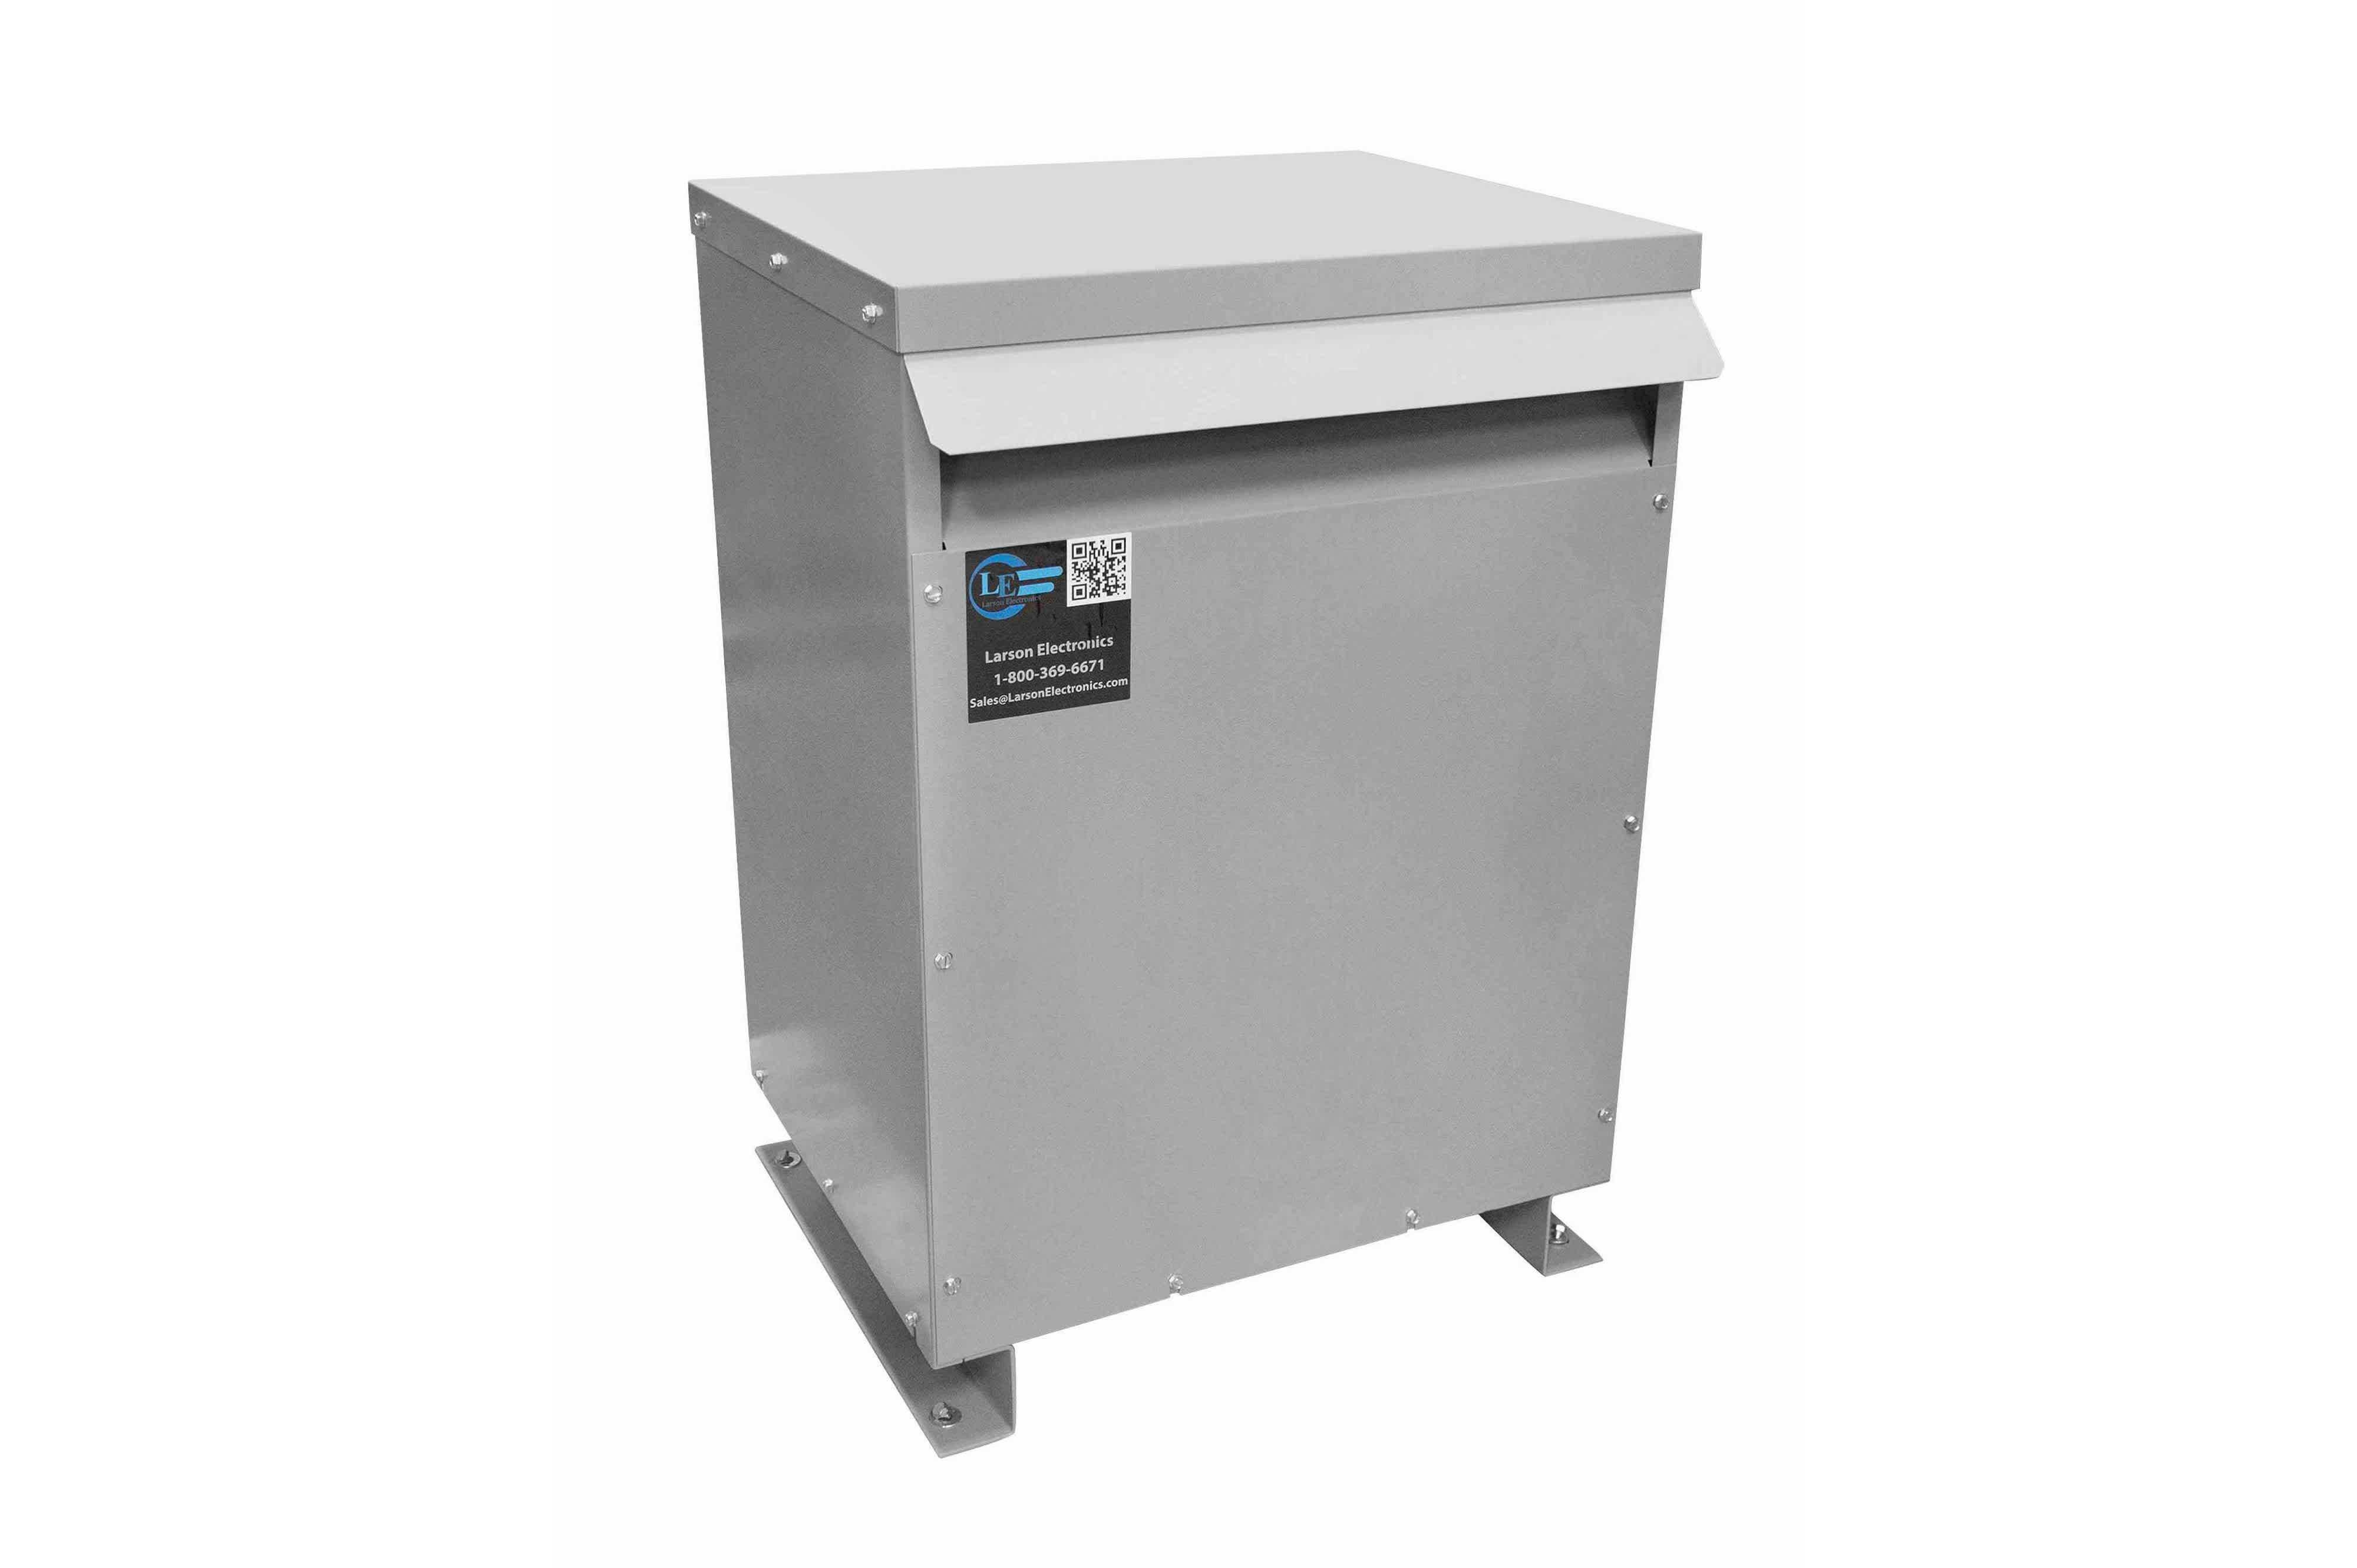 45 kVA 3PH DOE Transformer, 415V Delta Primary, 240V/120 Delta Secondary, N3R, Ventilated, 60 Hz